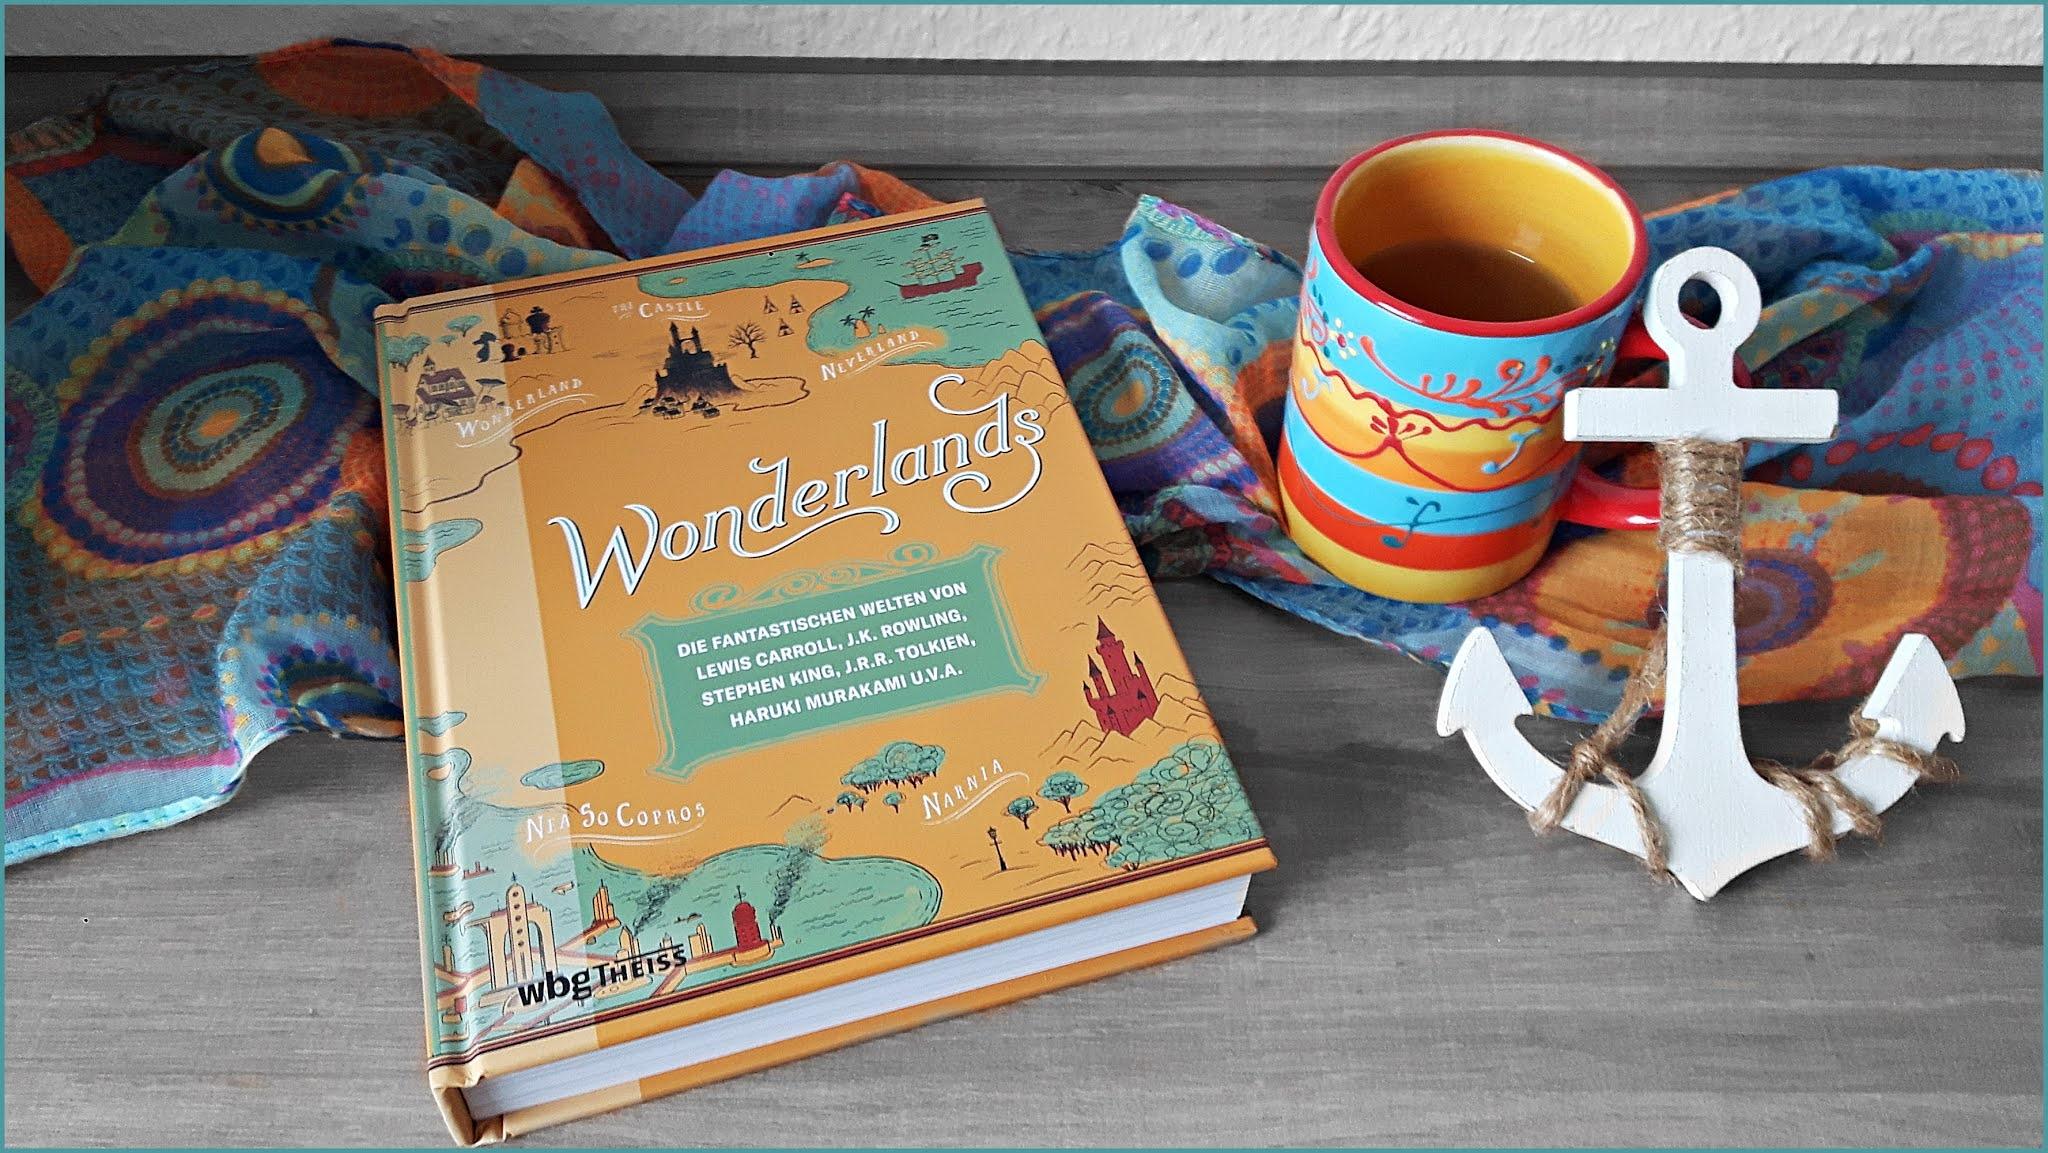 {LiebLink} Wonderlands ~ Reiseführer der fantastischen Welten